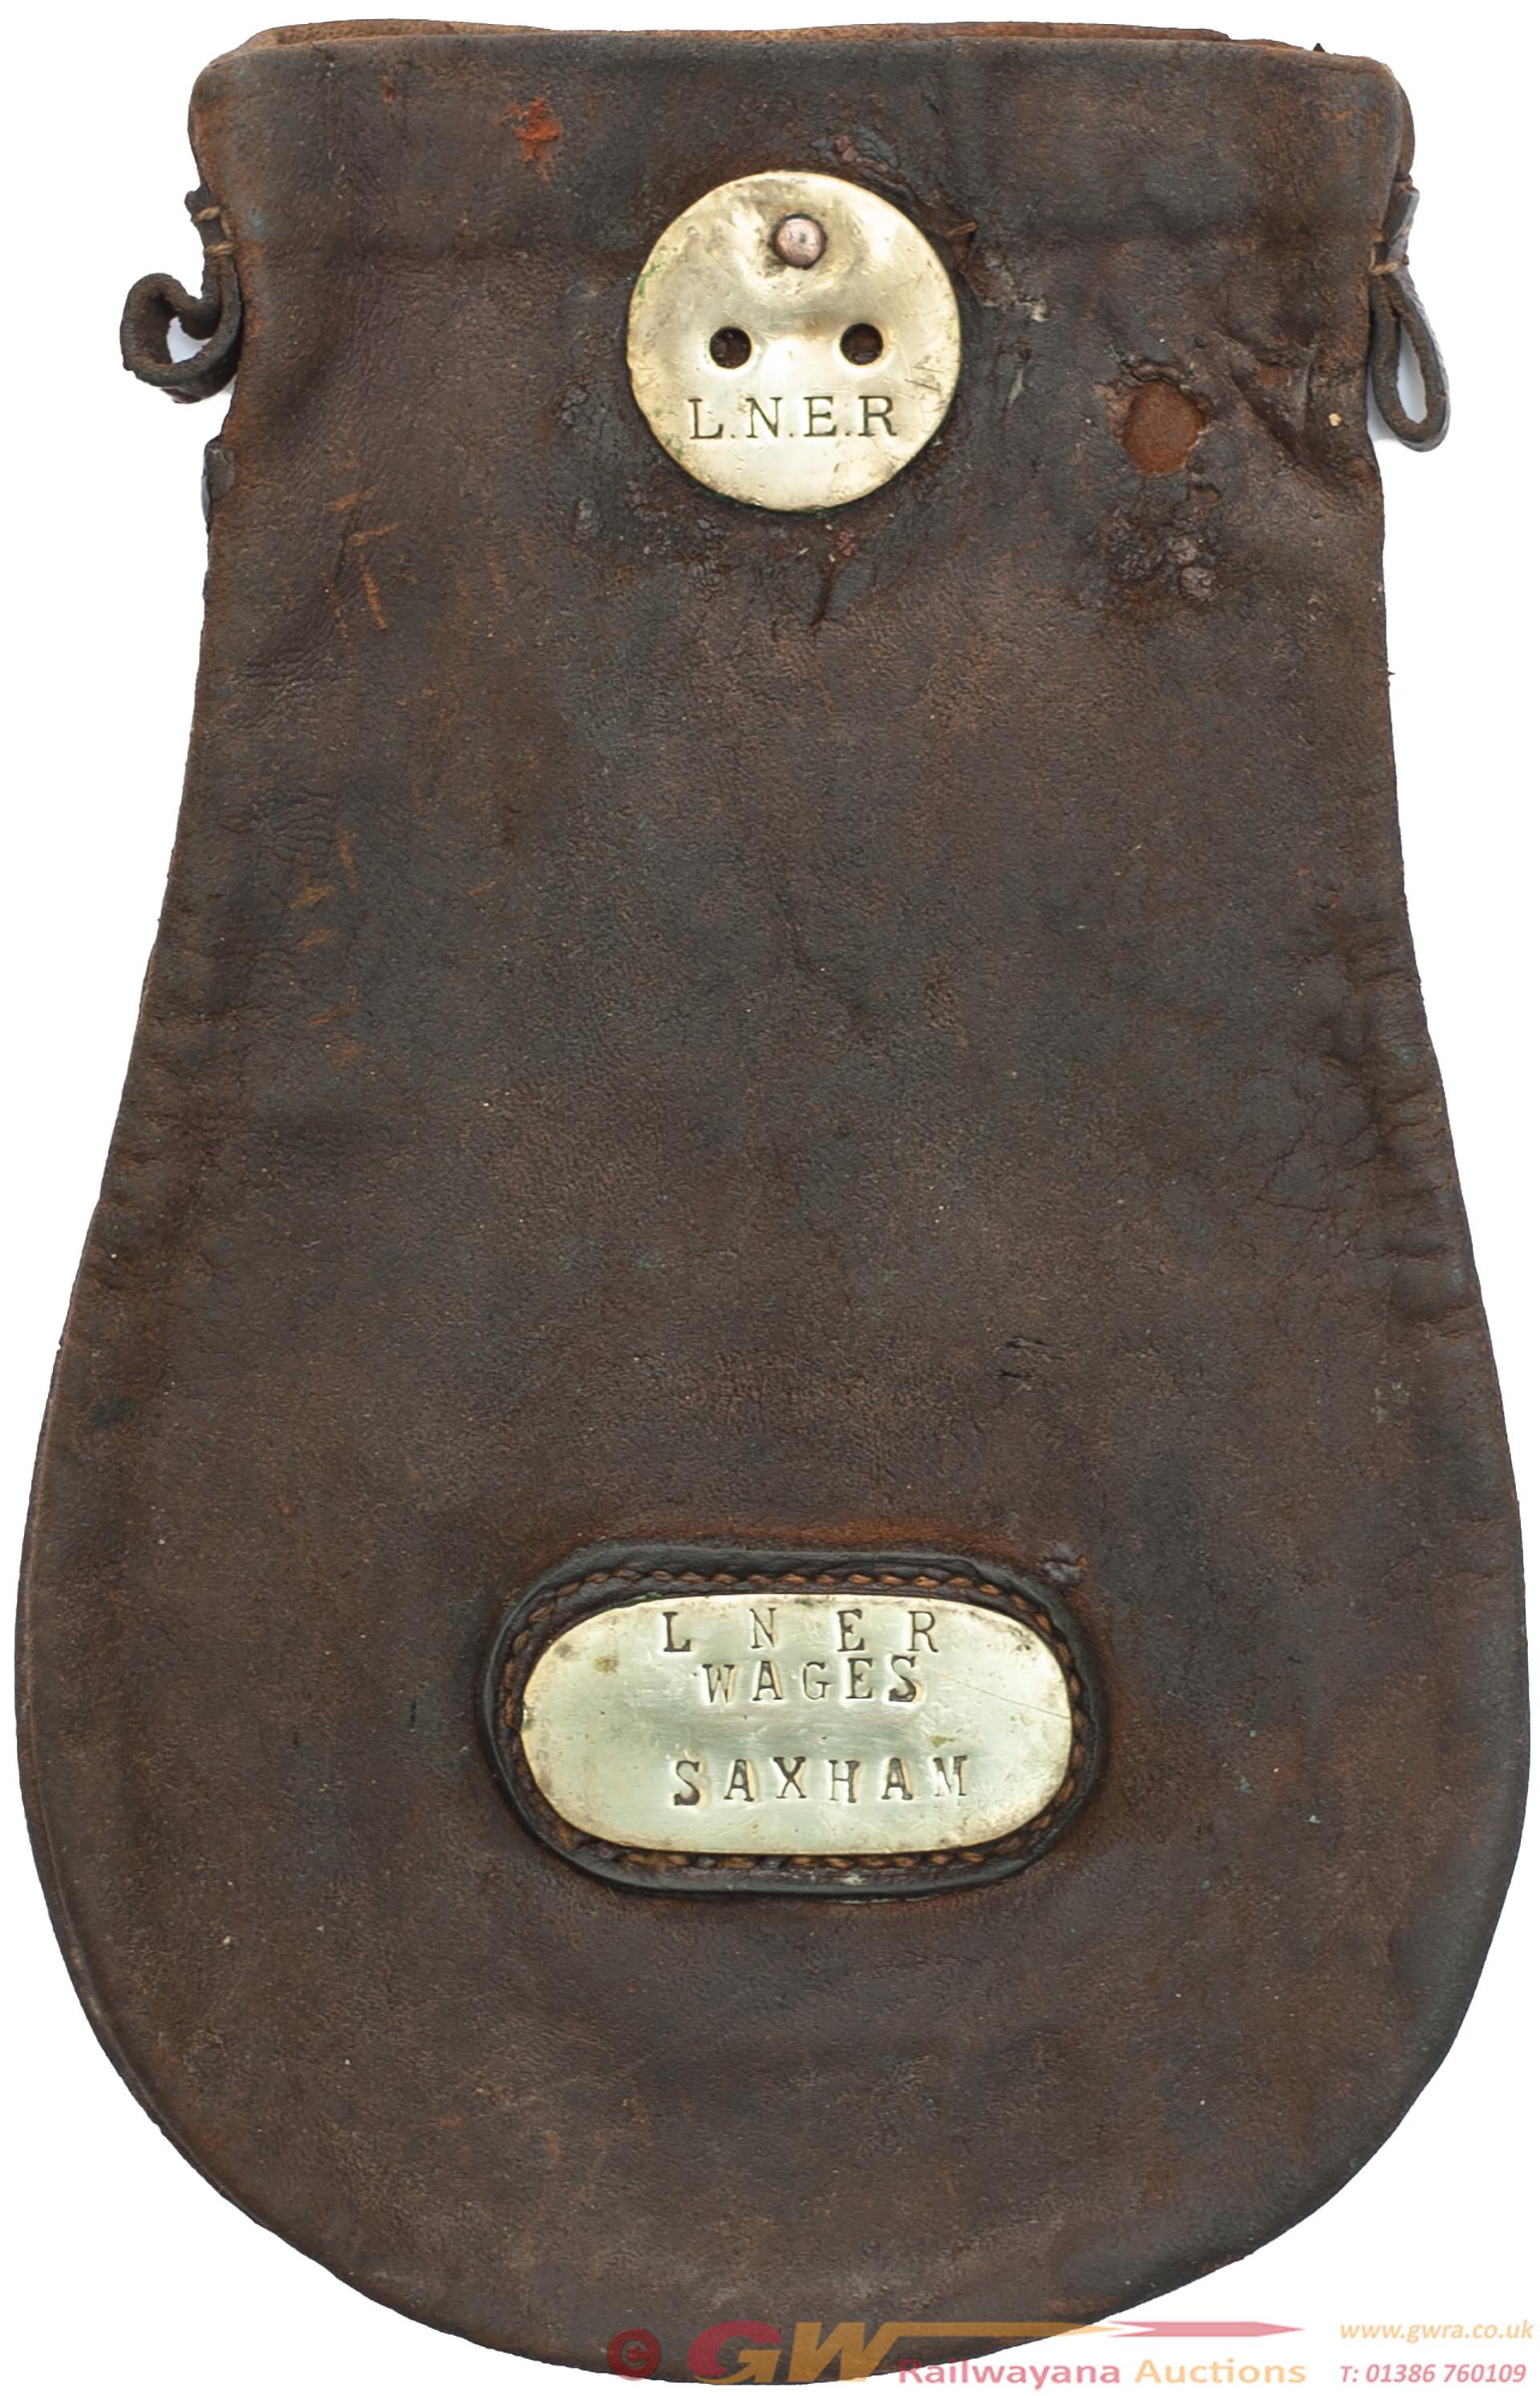 LNER Leather Cash Bag Brass Plated LNER WAGES